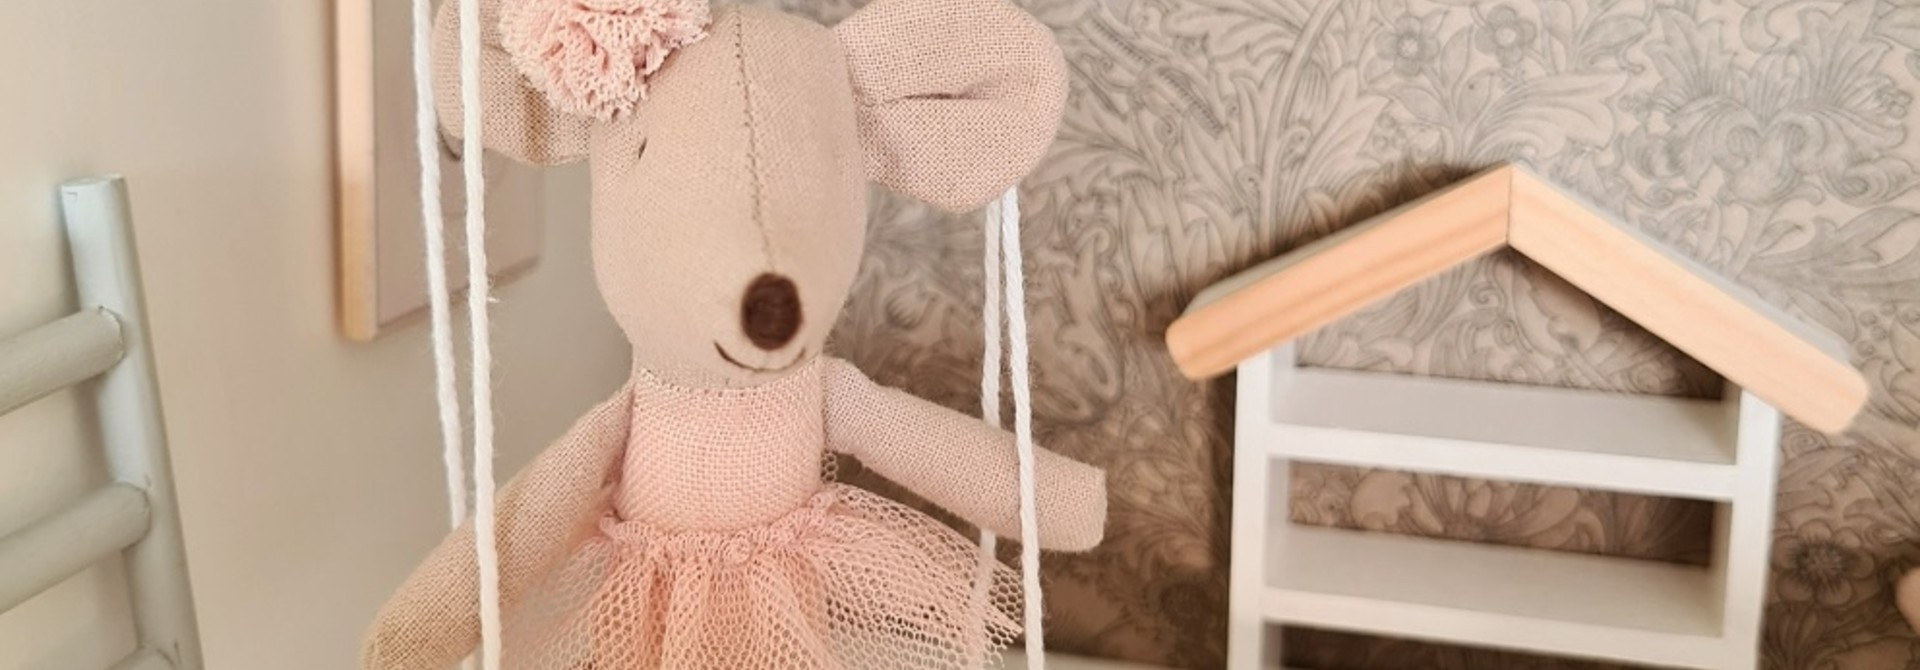 Dollhouse swing